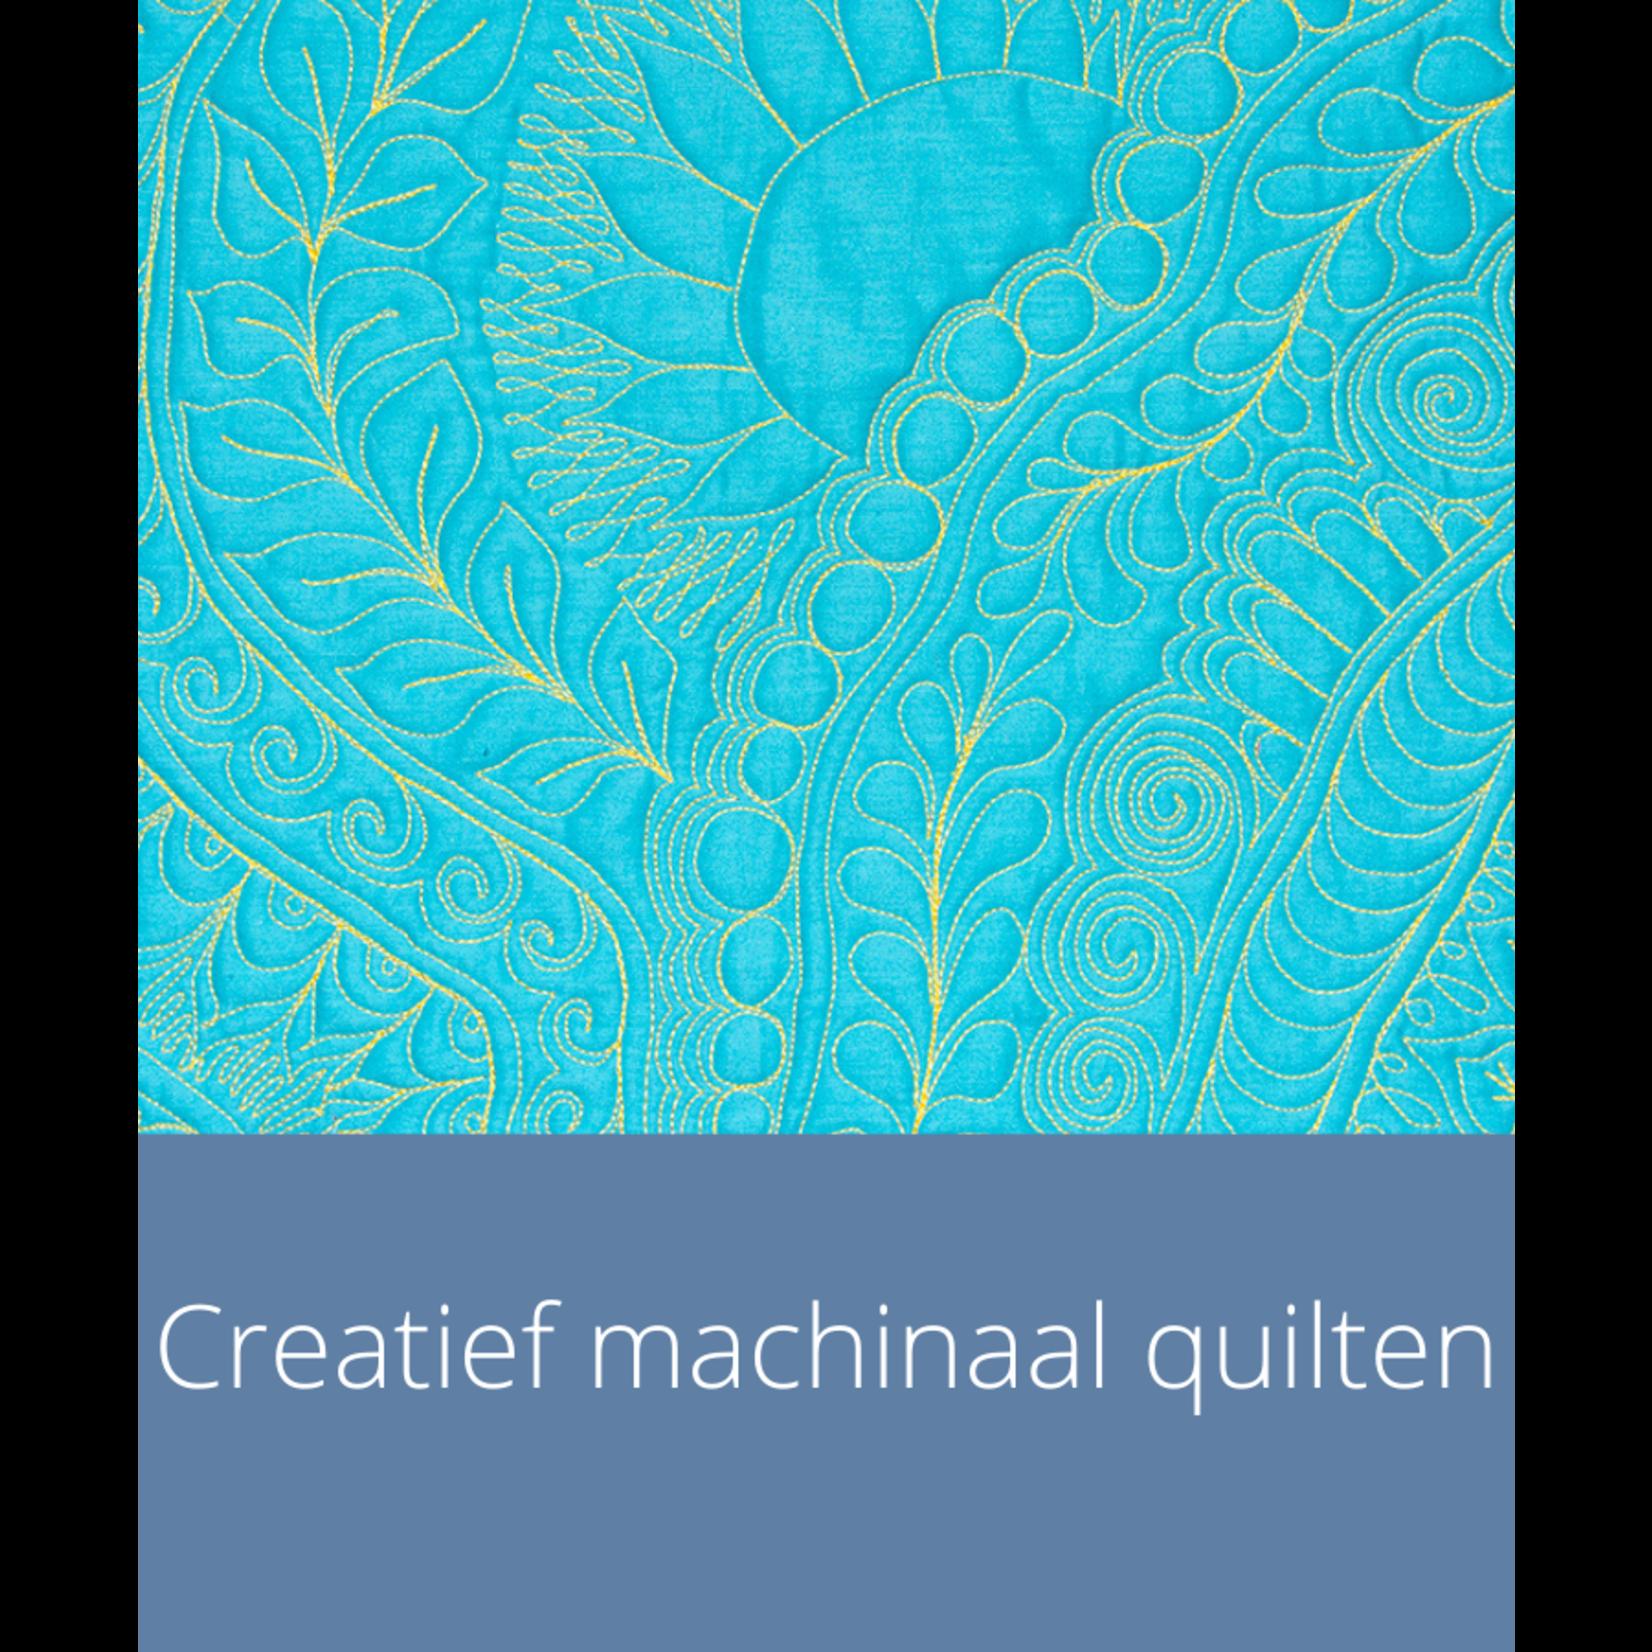 Cursus - Creatief machinaal quilten  | do 25 juli